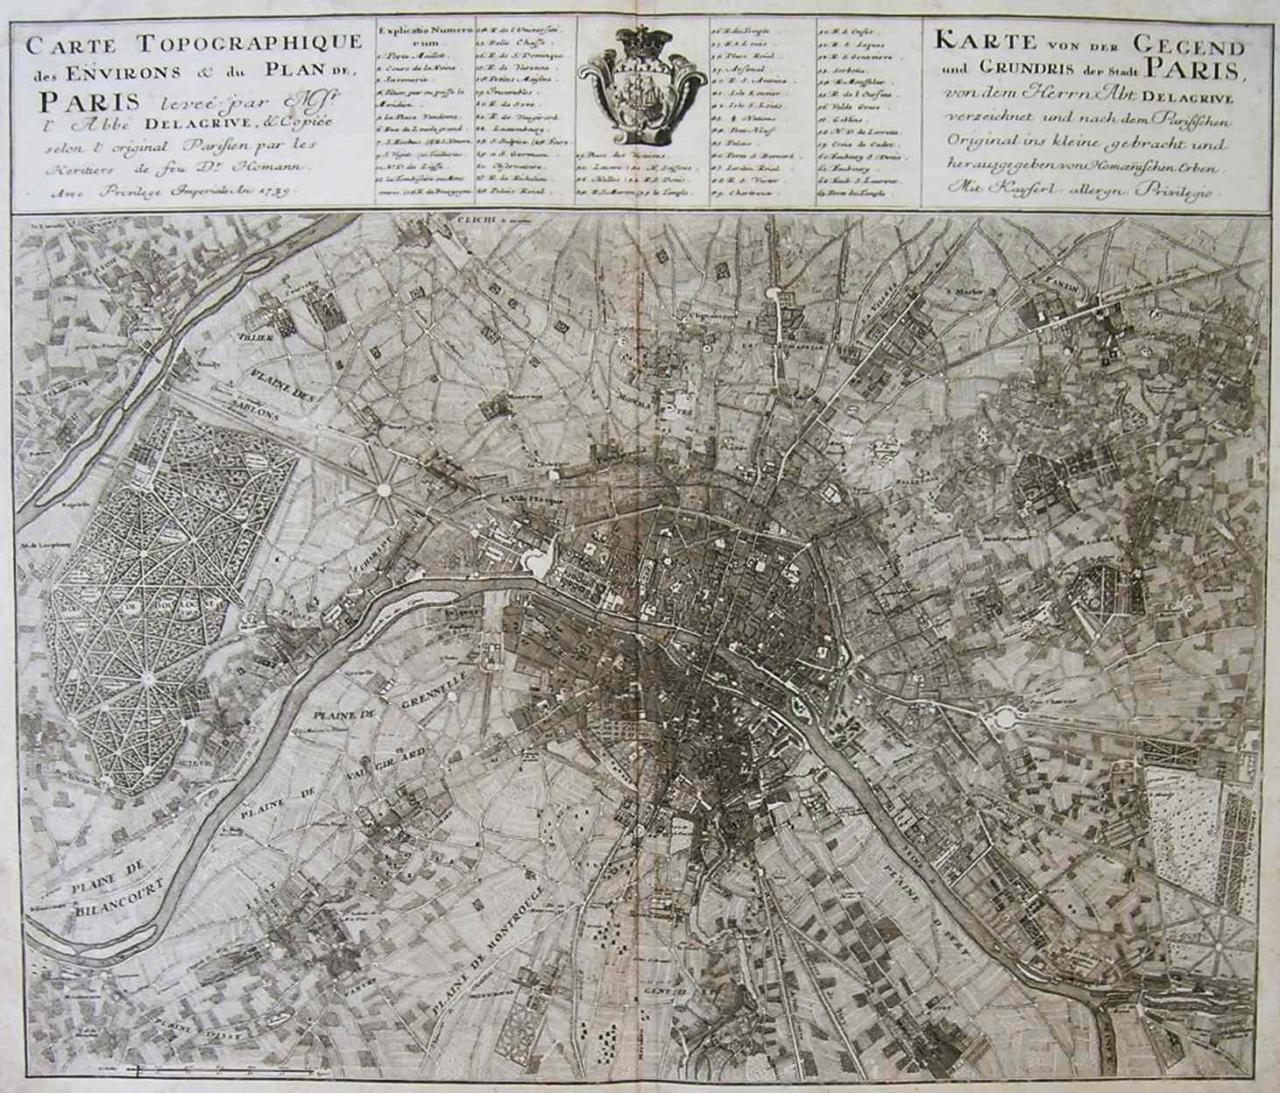 Karte Paris.Paris Carte Topographique Des Environs Du Plan De Paris Michael